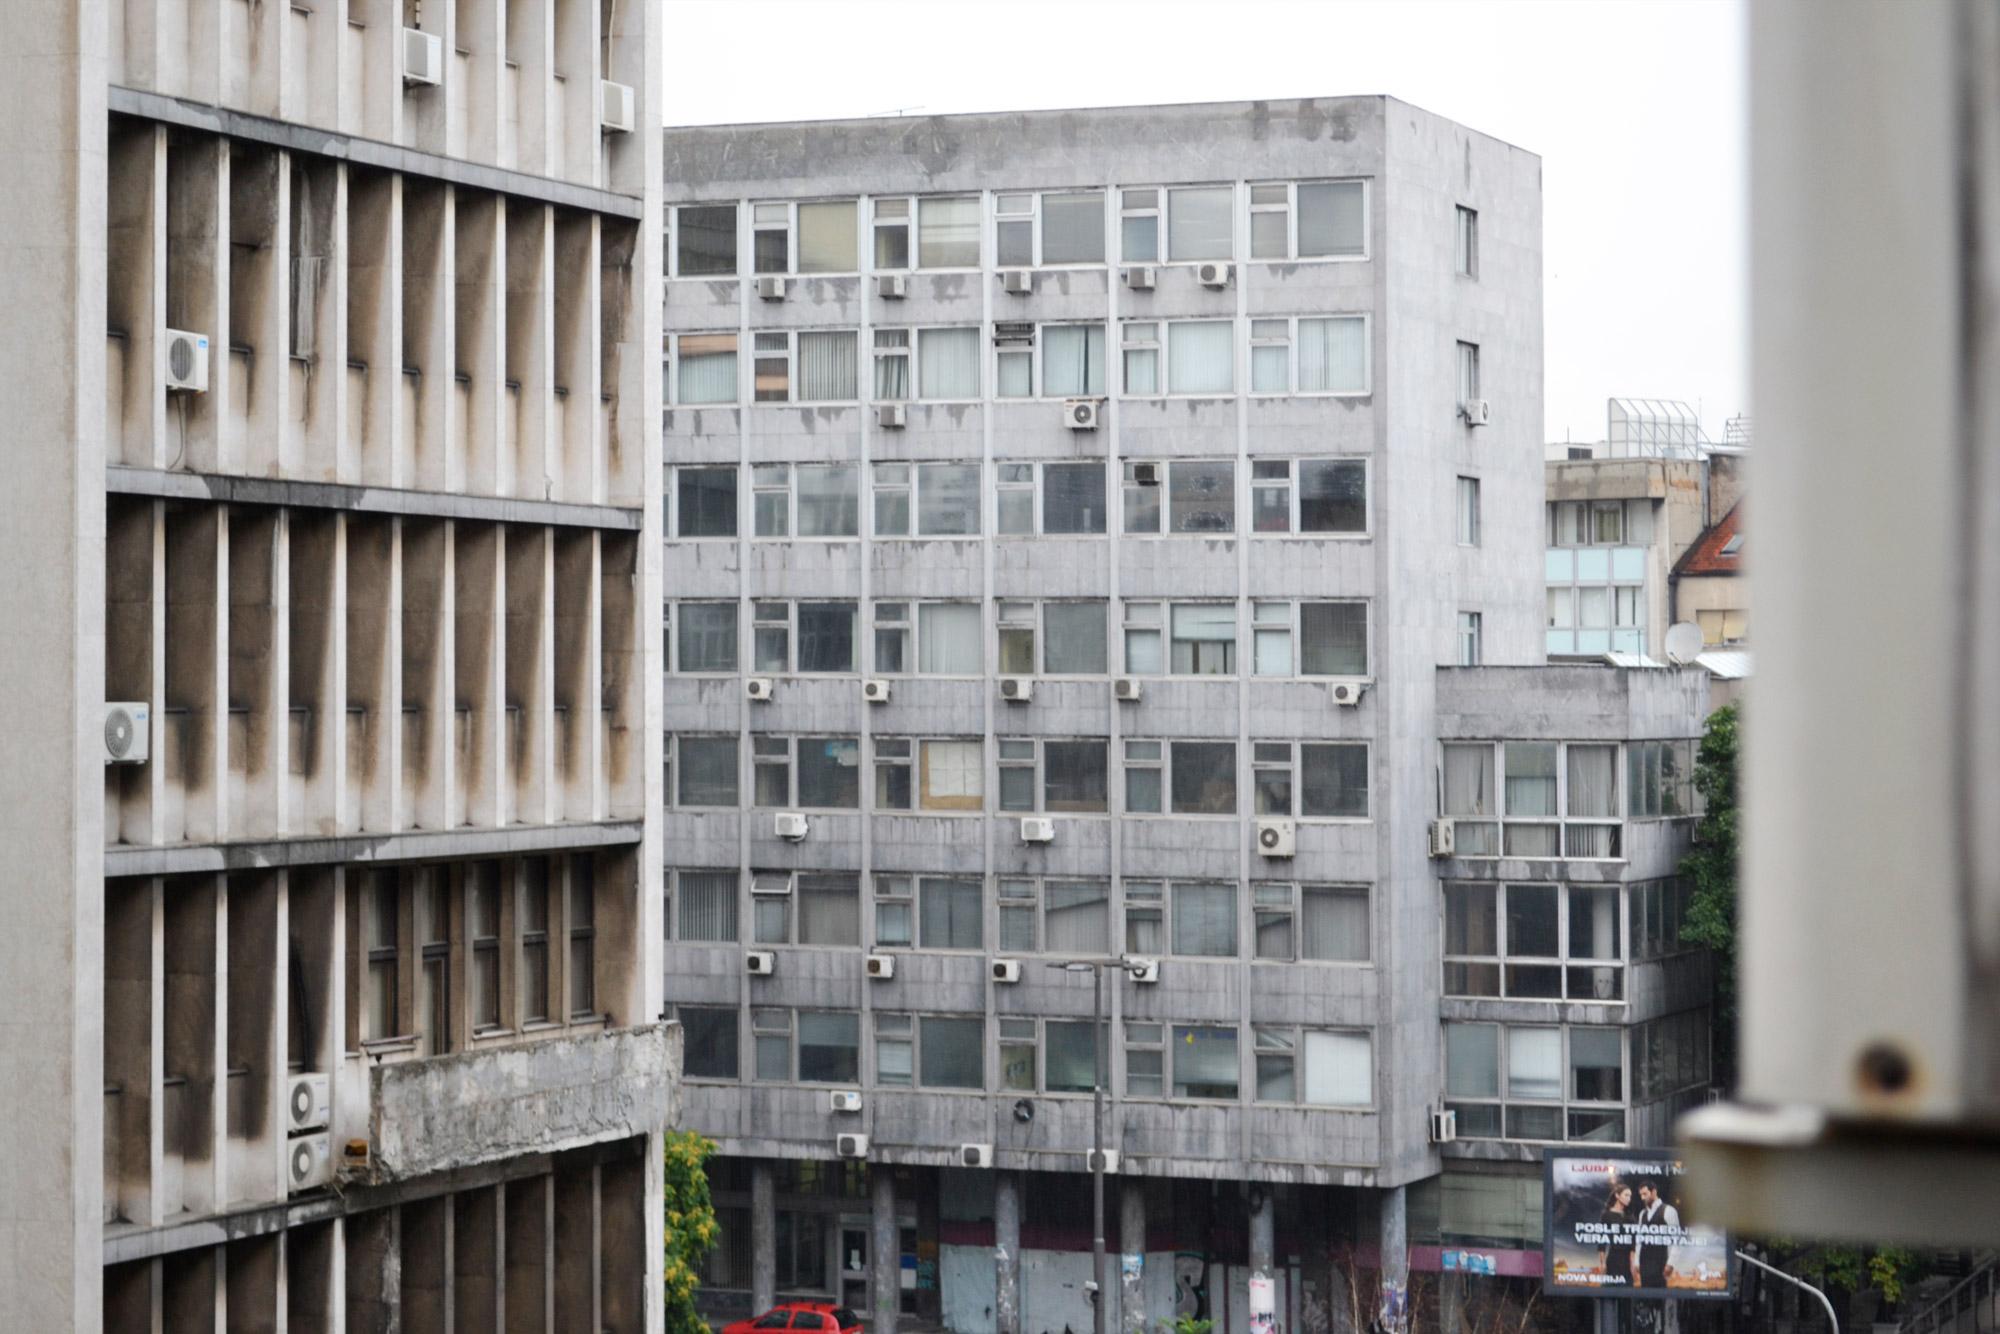 urbanbacklog-belgrade-building-textures-5.jpg